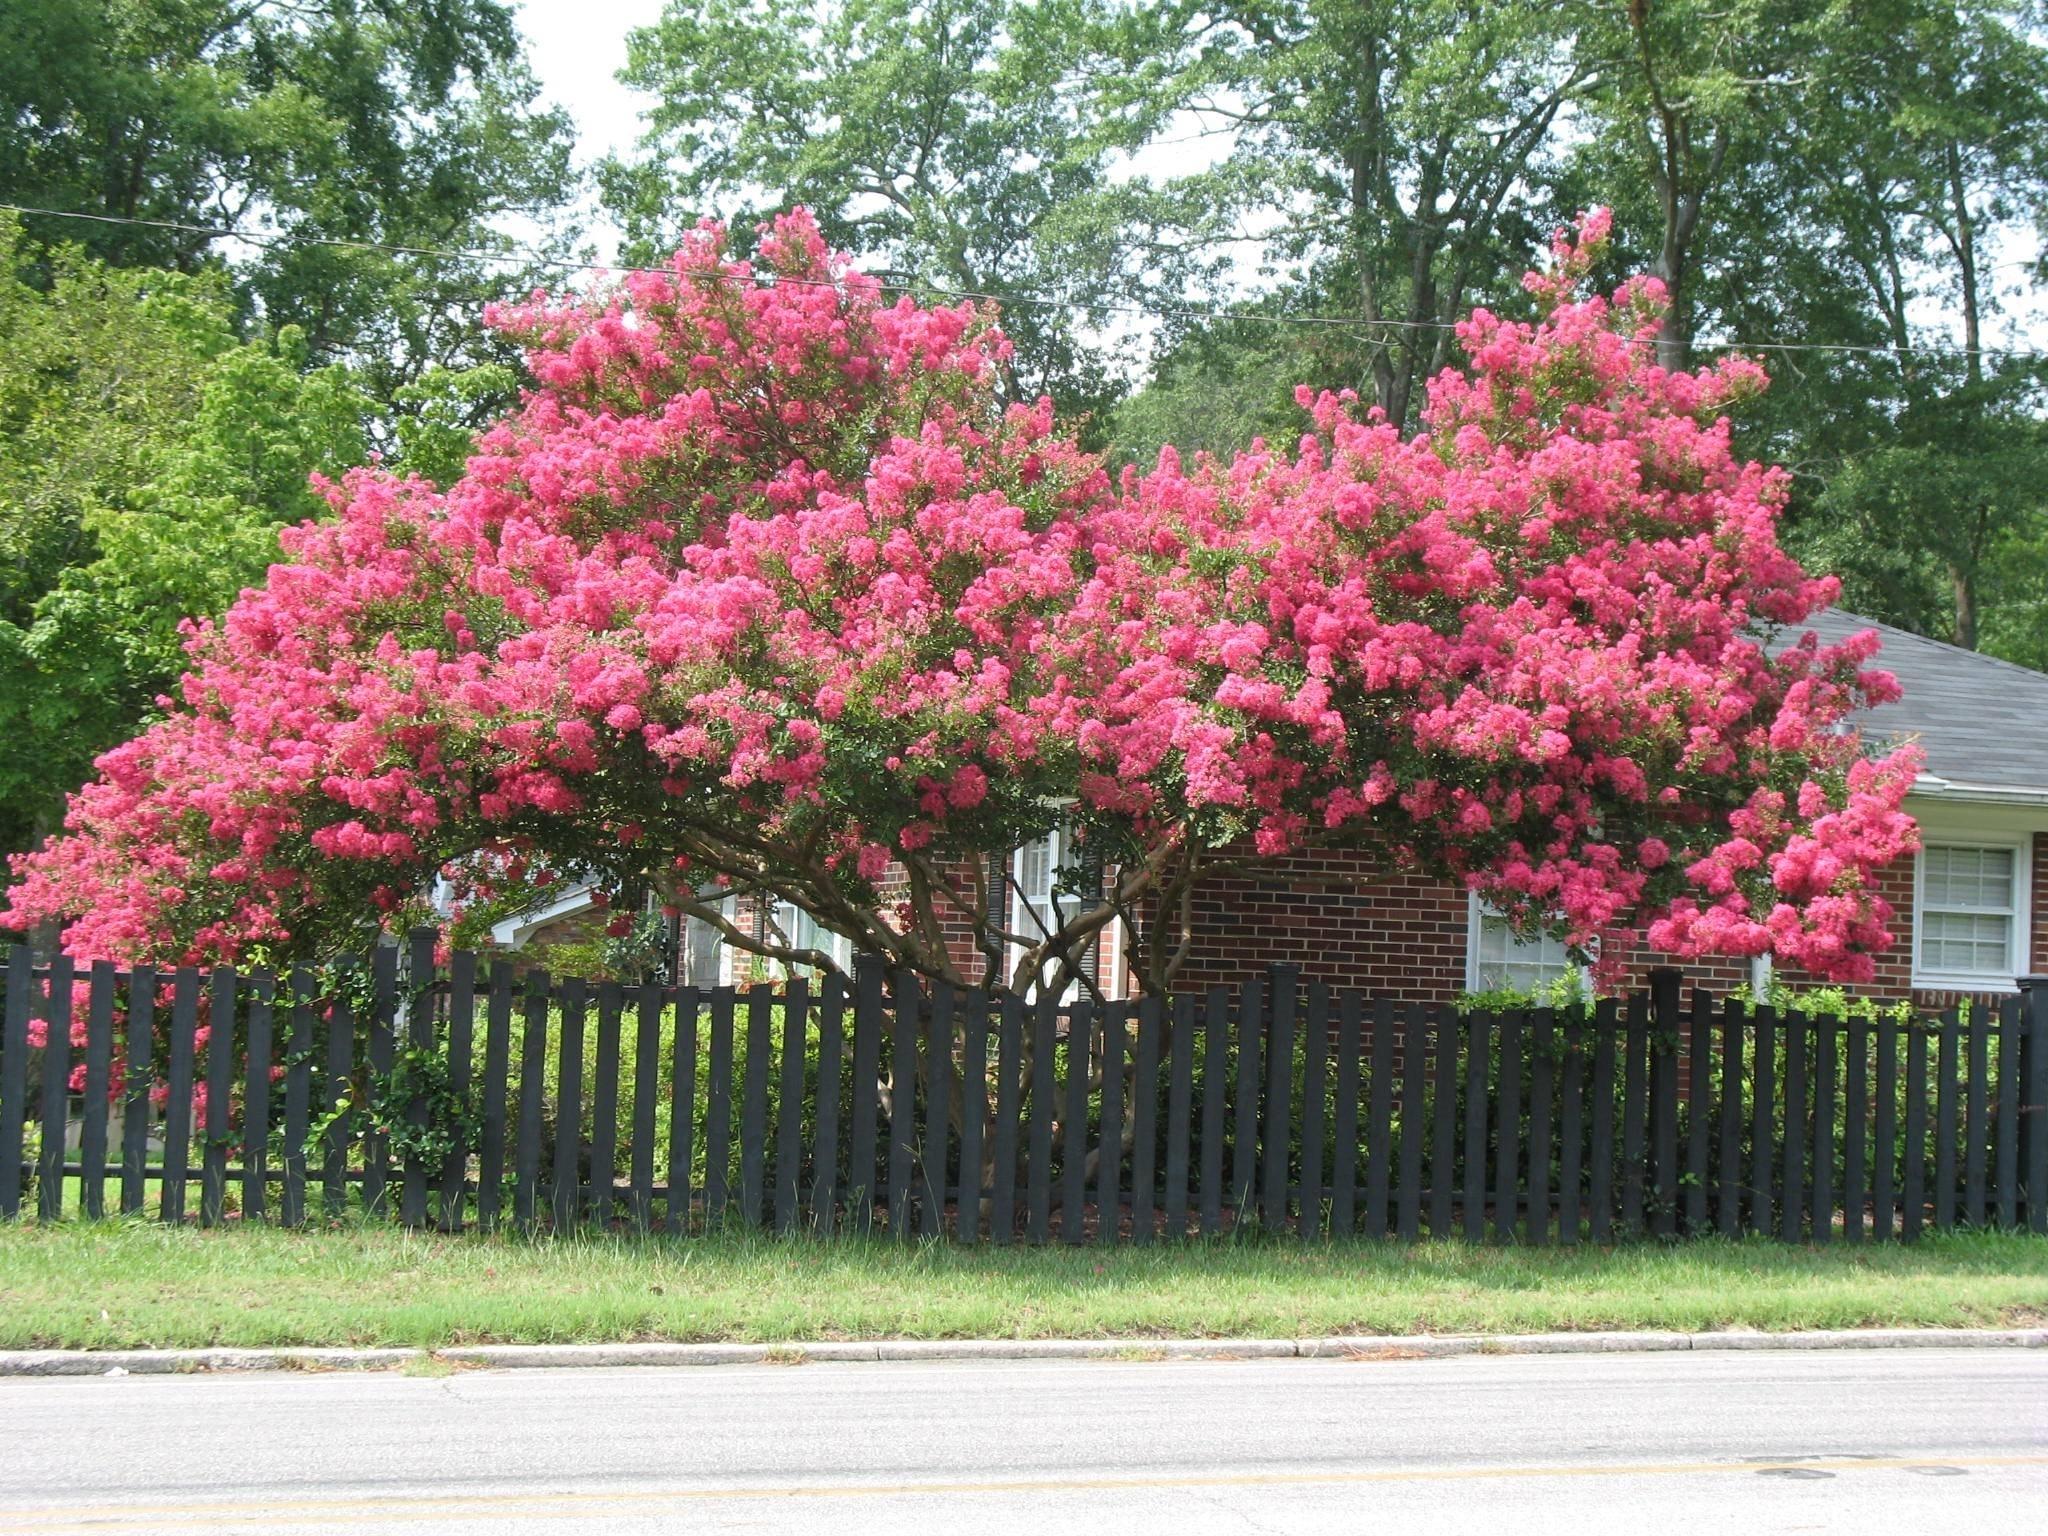 Lagerstroemia indica alberi conifere lagerstroemia indica for Arboles florales para jardin